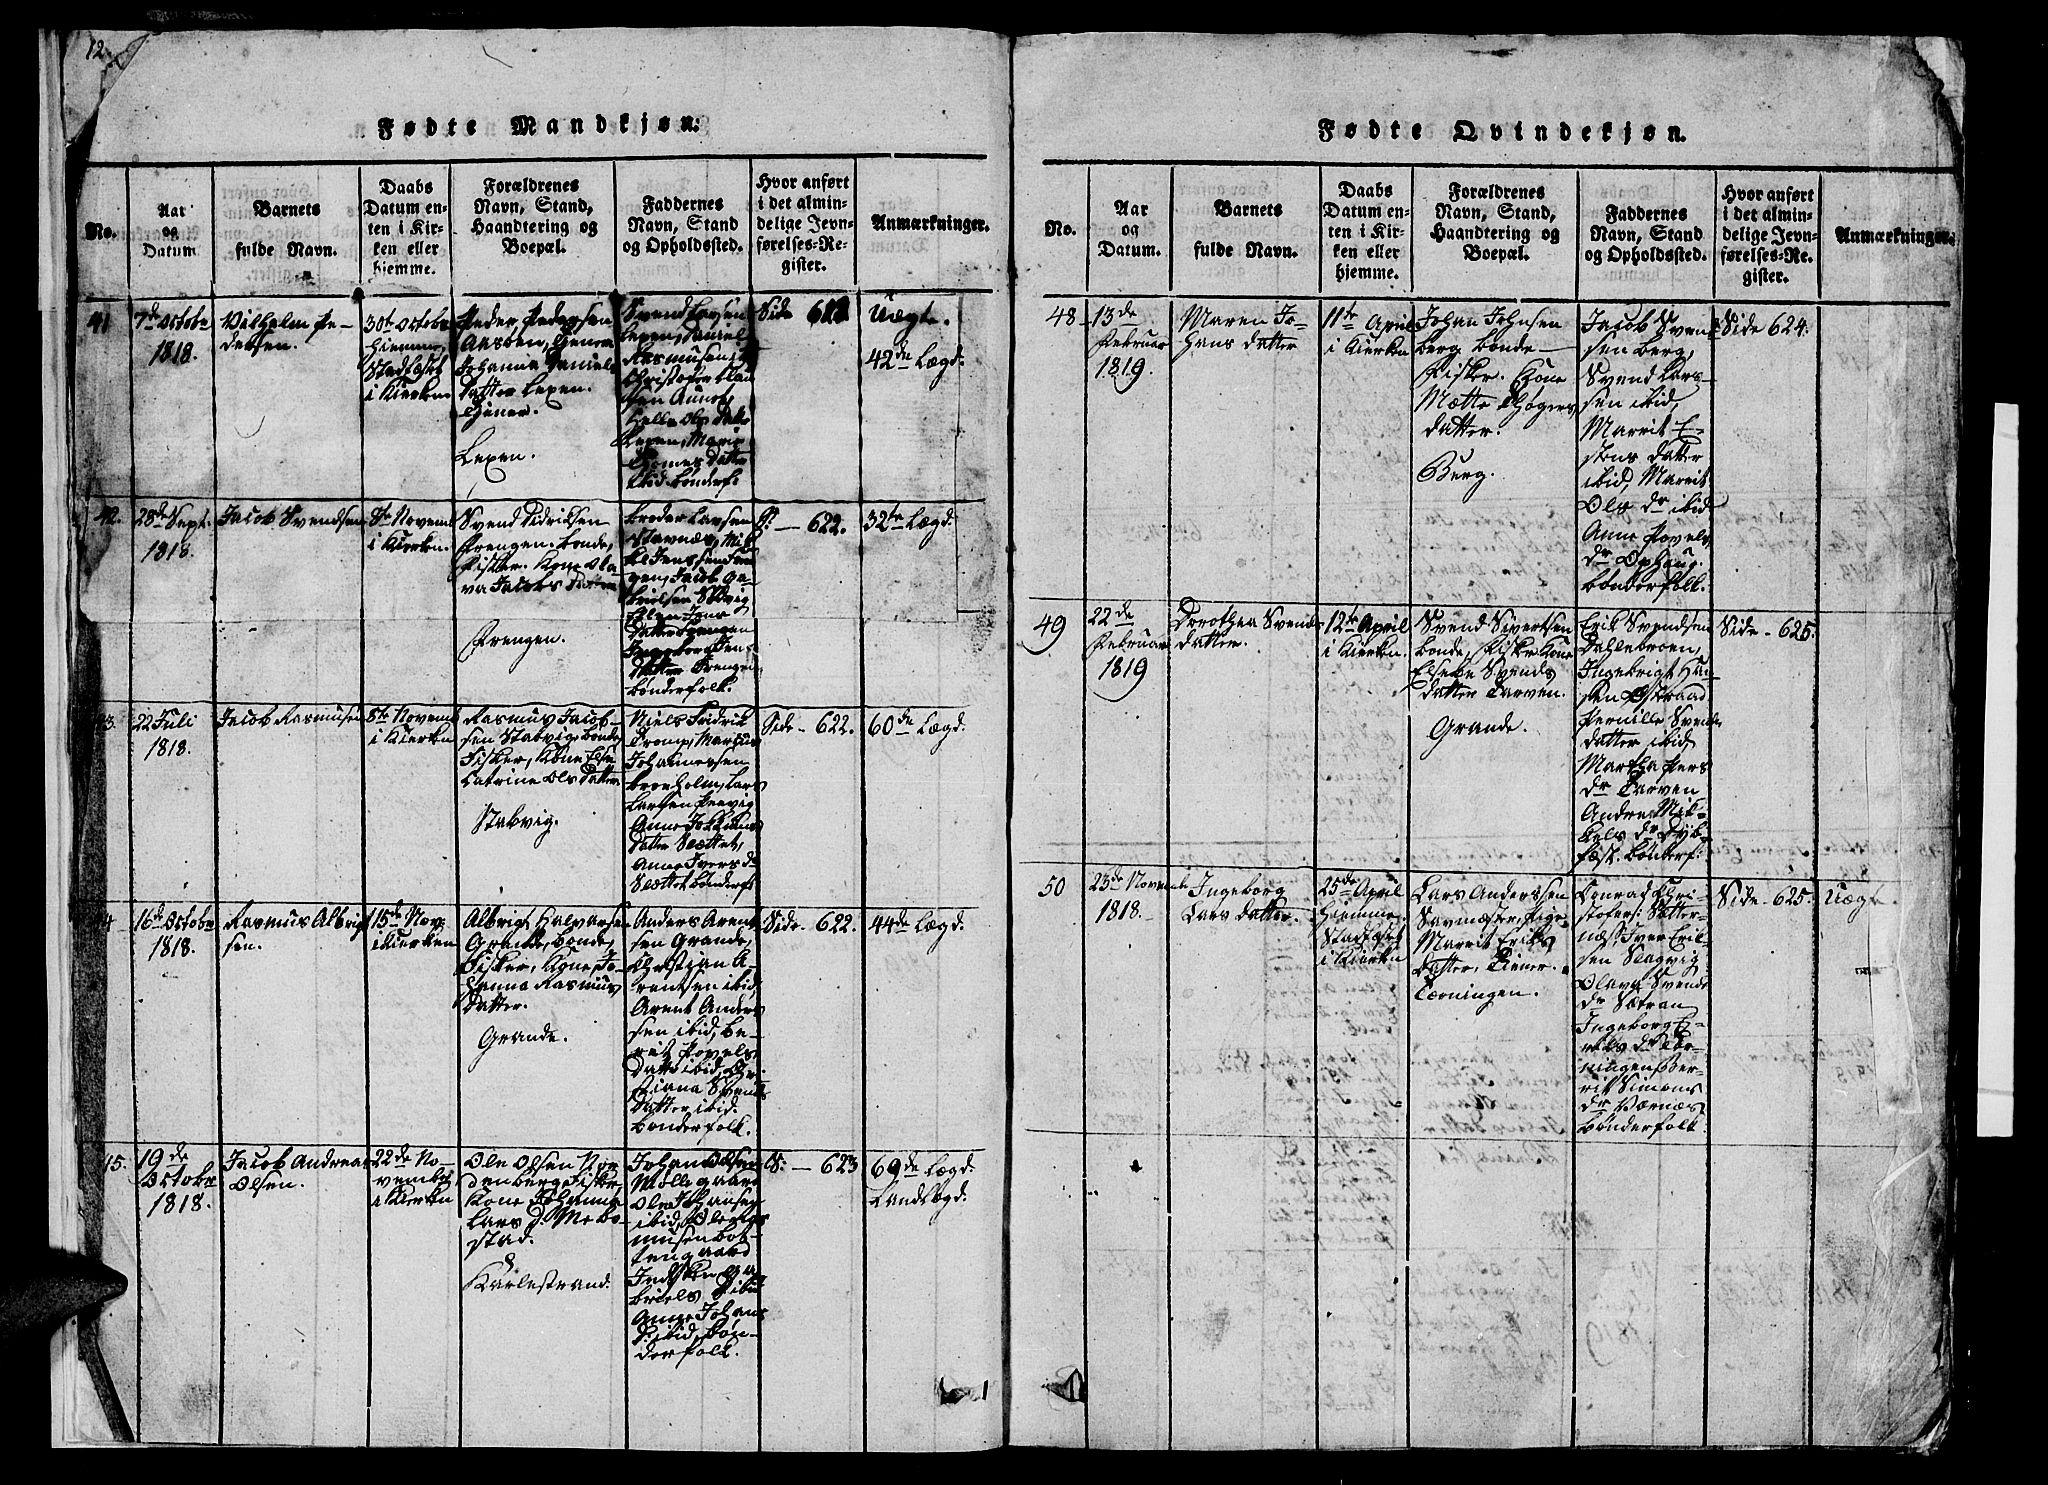 SAT, Ministerialprotokoller, klokkerbøker og fødselsregistre - Sør-Trøndelag, 659/L0744: Klokkerbok nr. 659C01, 1818-1825, s. 18-19